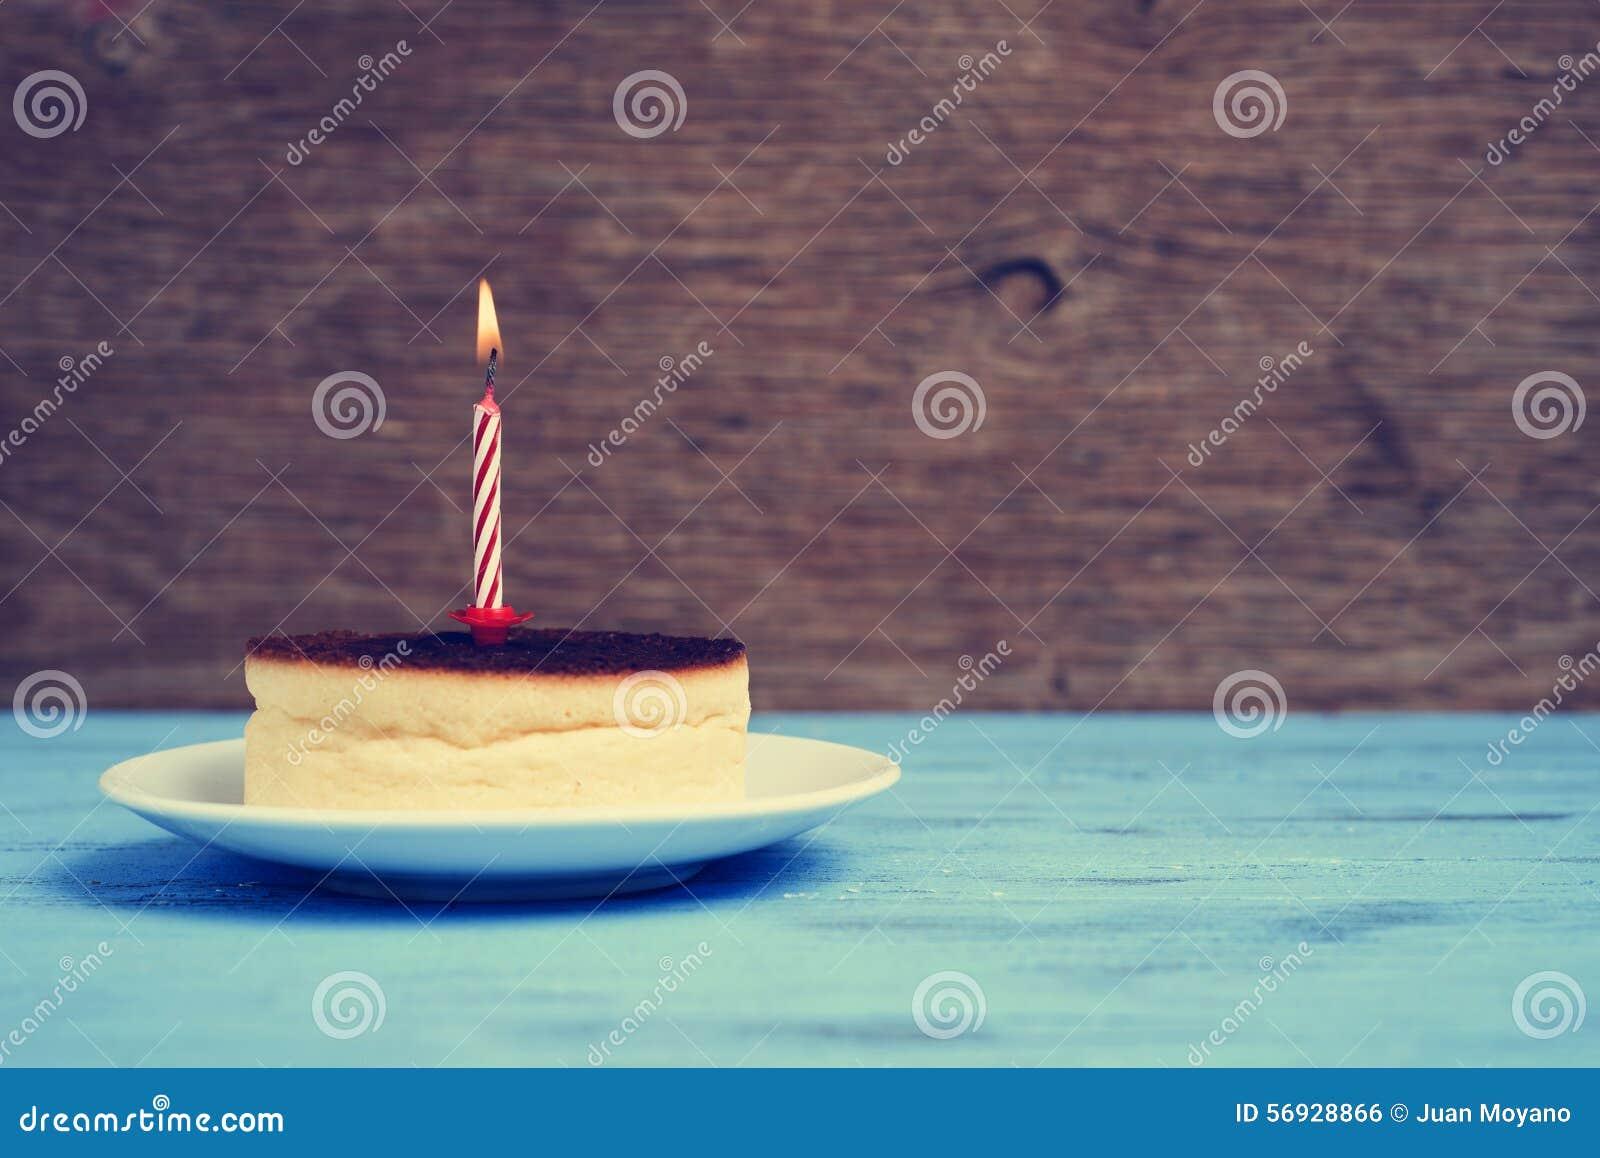 Vela encendida del cumpleaños en un pastel de queso, con un efecto retro